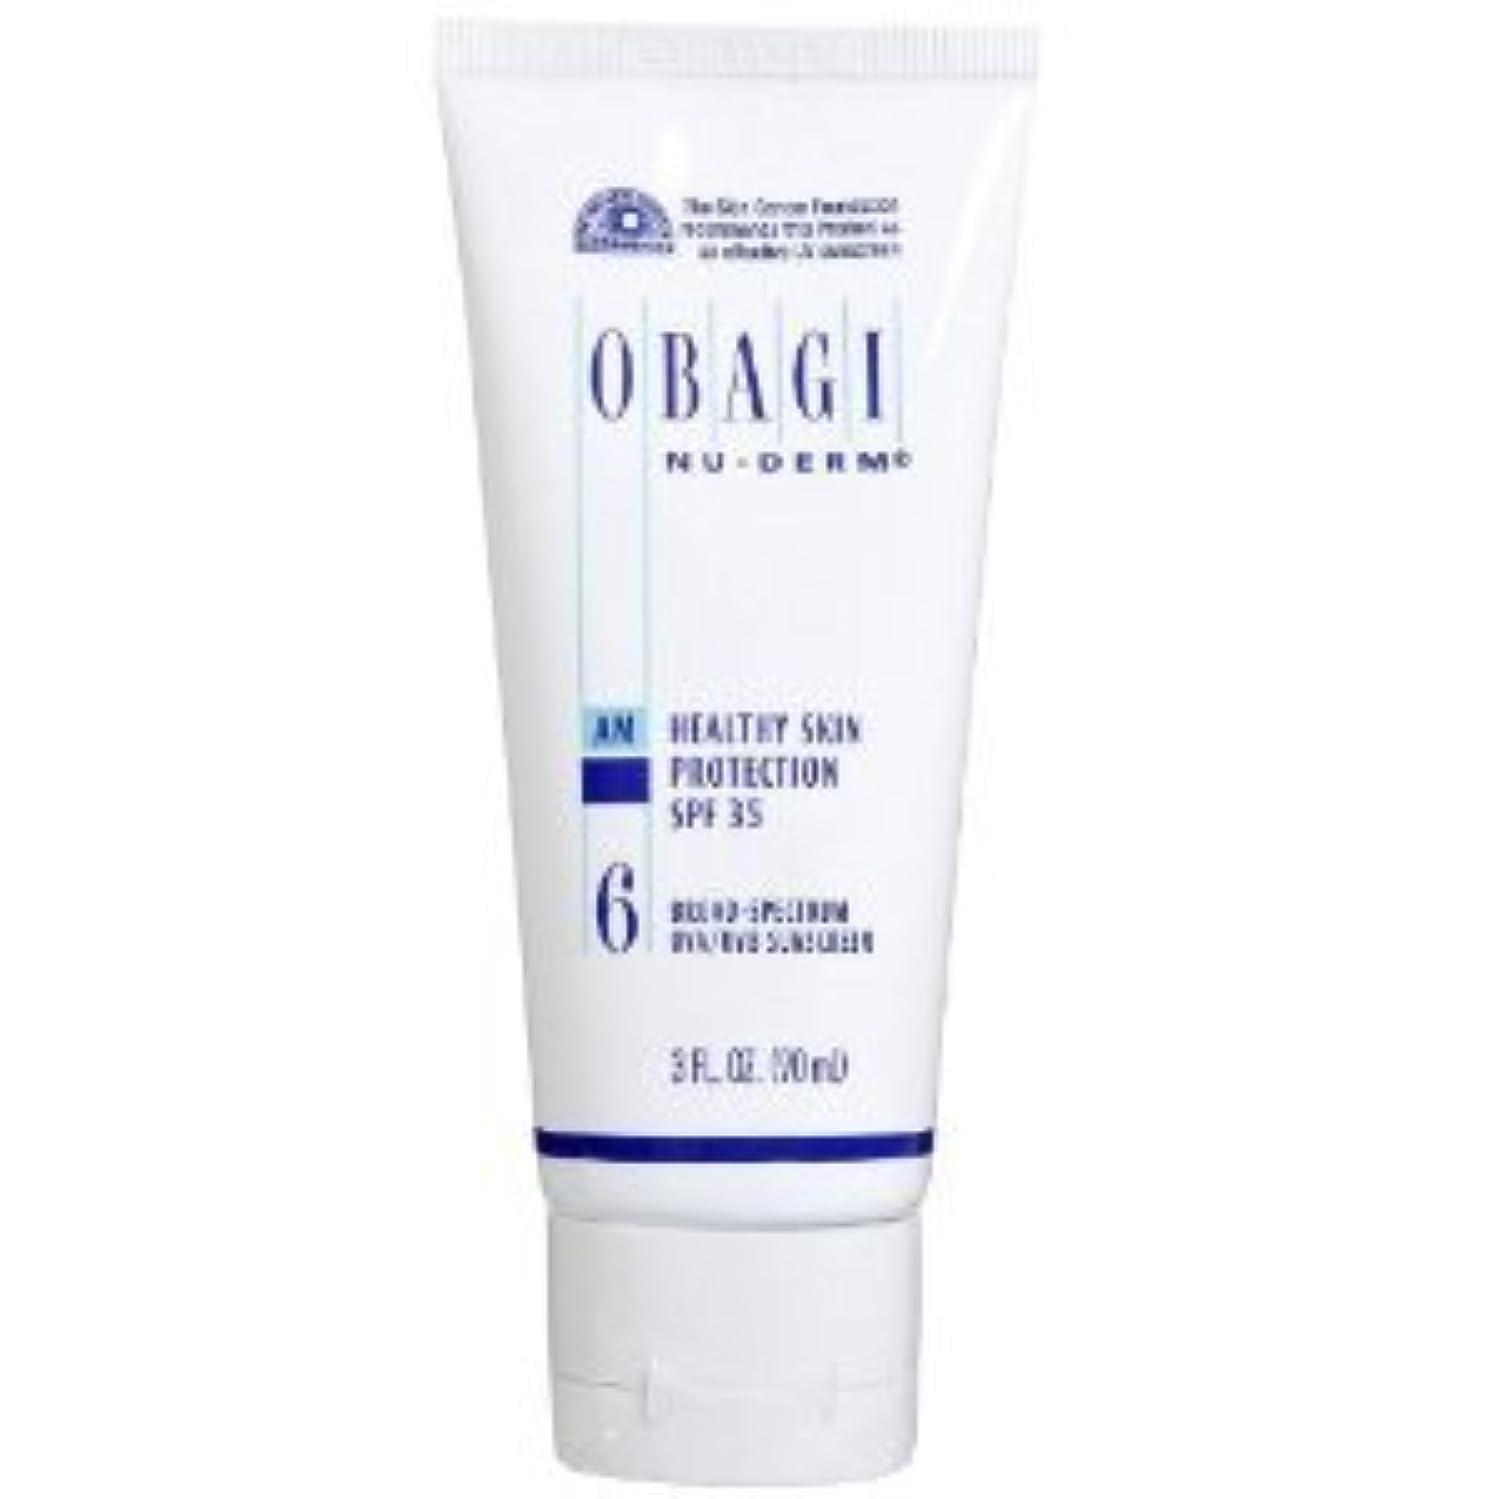 電子レンジ汚れた腐ったオバジ ニューダーム スキンプロテクション サンスクリーン(SPF35) Obagi Nu-Derm Healthy Skin Protection SPF 35 Sunscreens